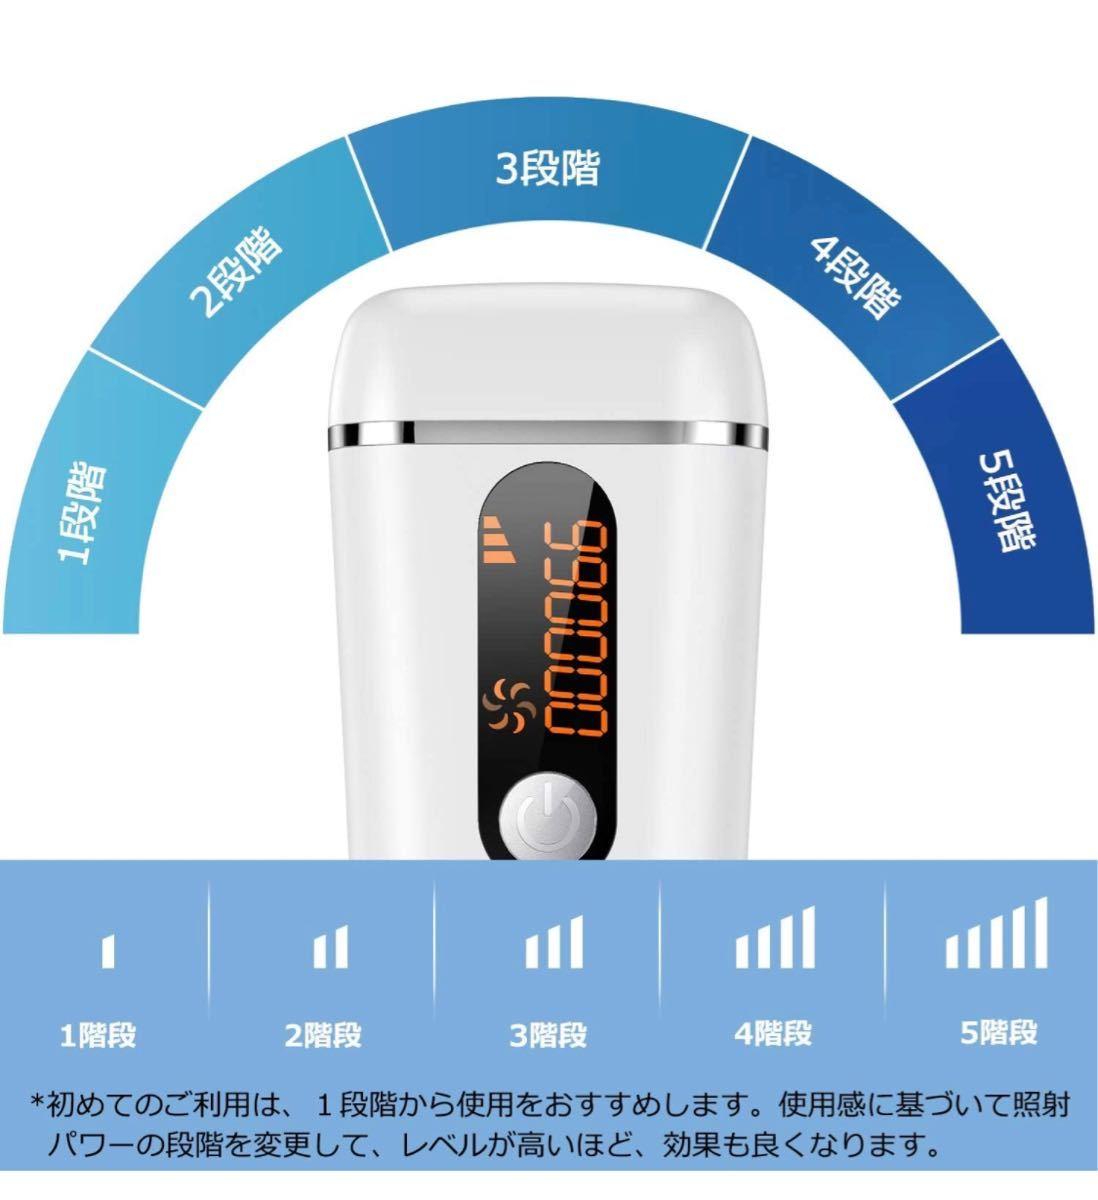 脱毛器 BESTOPE レーザー 光脱毛器 IPL技術 永久脱毛 家庭用脱毛器 99万回照射 光美容器